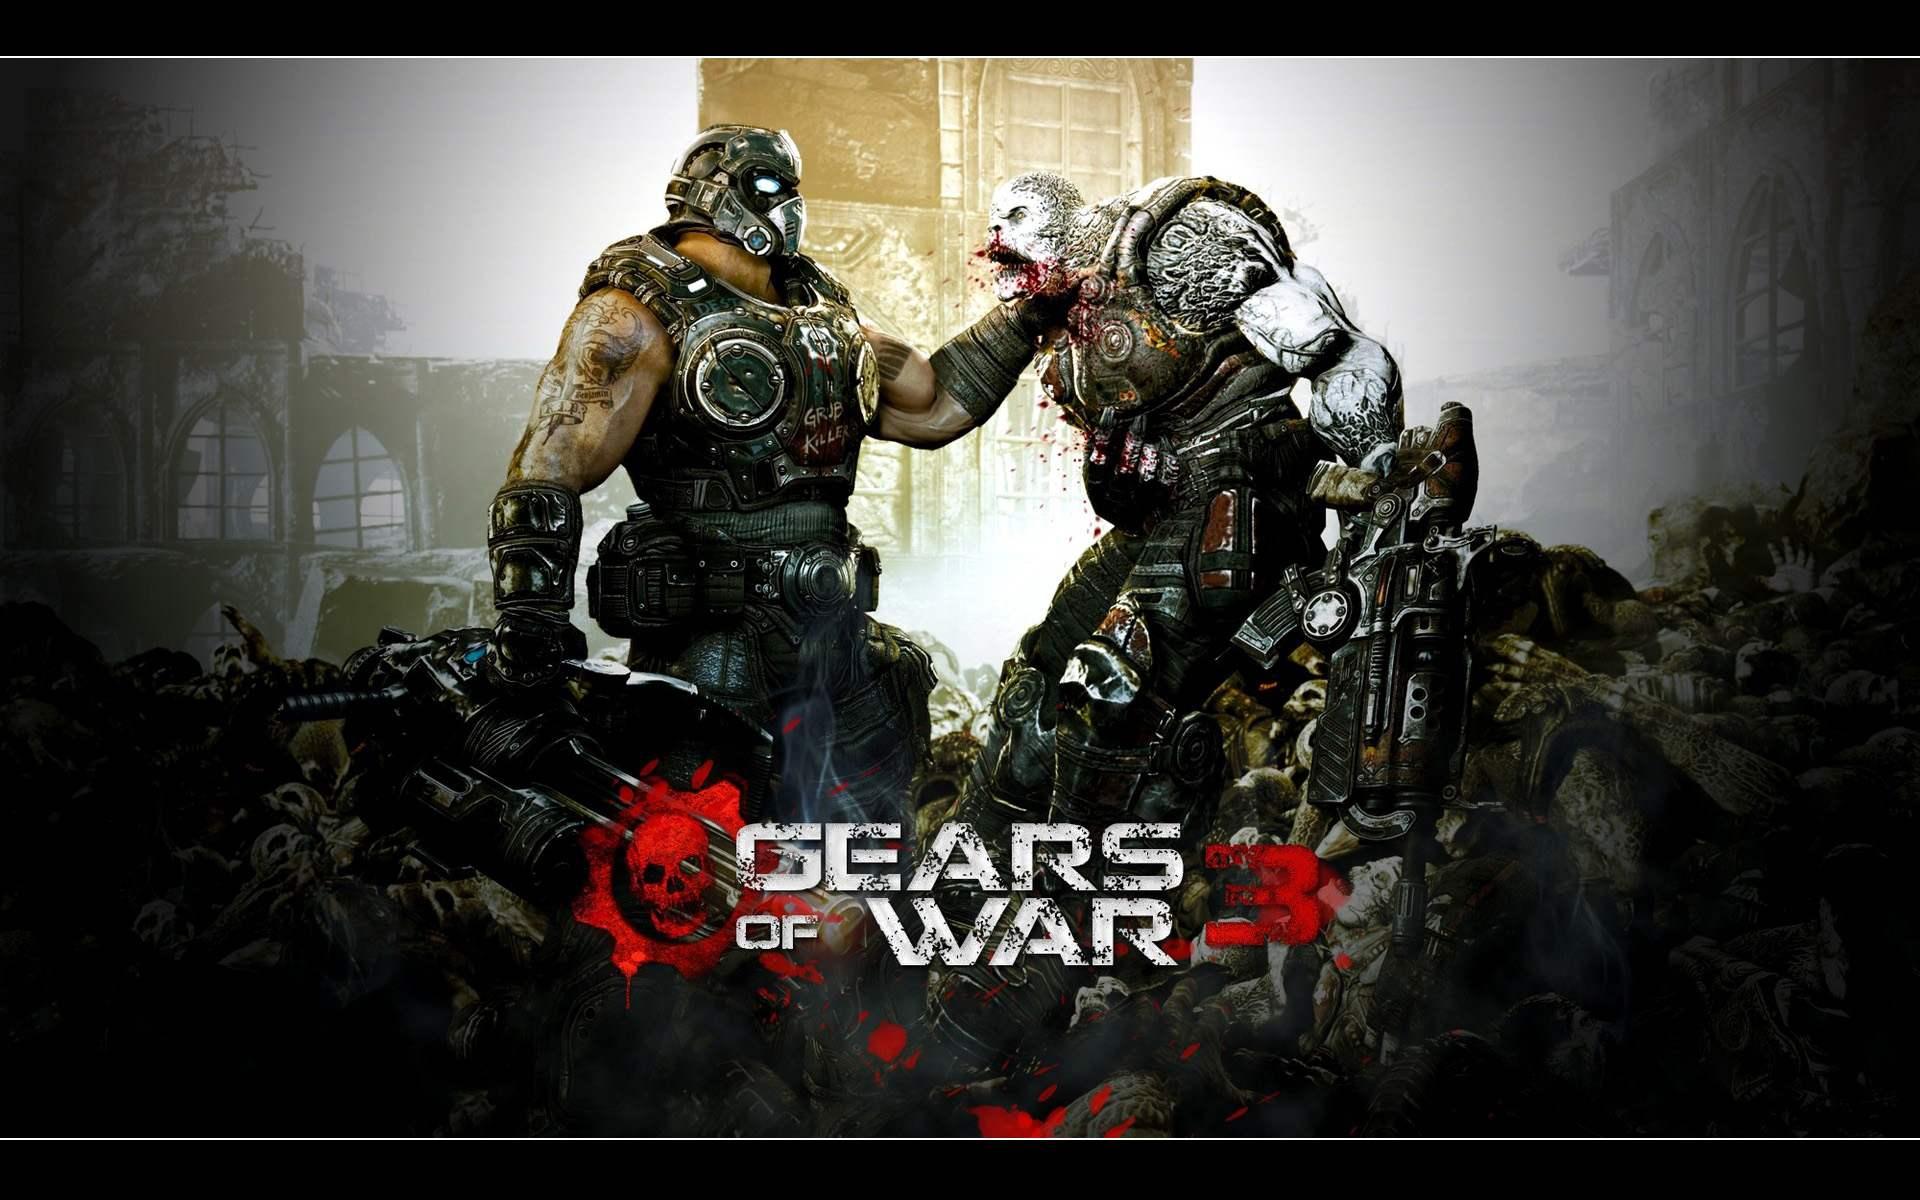 Gears Of War 3 Wallpapers 6676 Hd Wallpapers in Games   Imagescicom 1920x1200